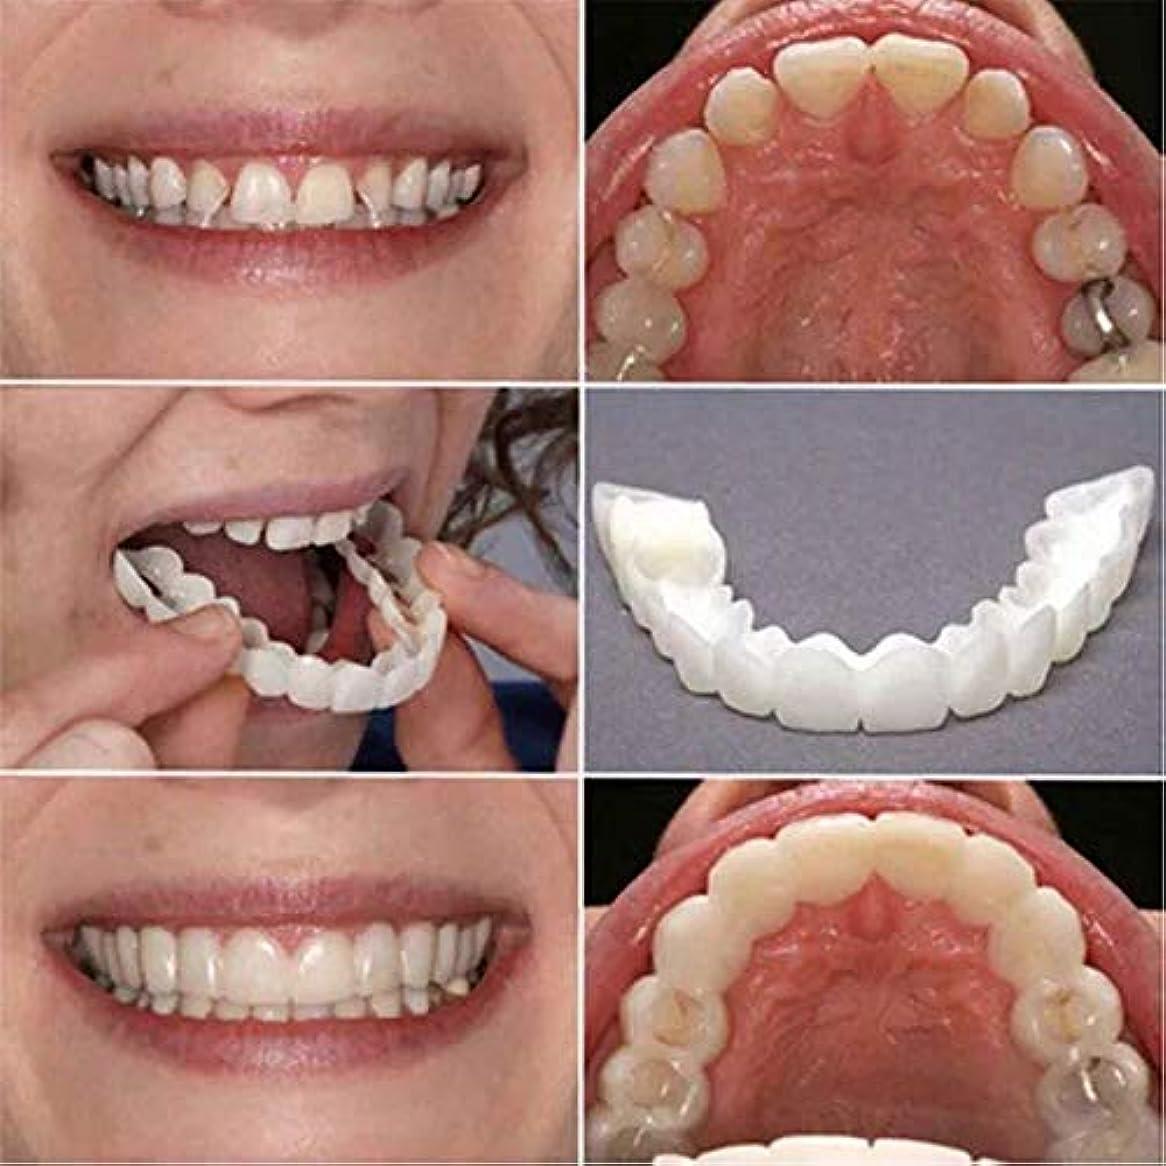 中性状況ヒョウ2個の歯ピースフィッティング快適なフィット歯のソケット義歯口腔用品矯正アクセティース 笑顔を保つ